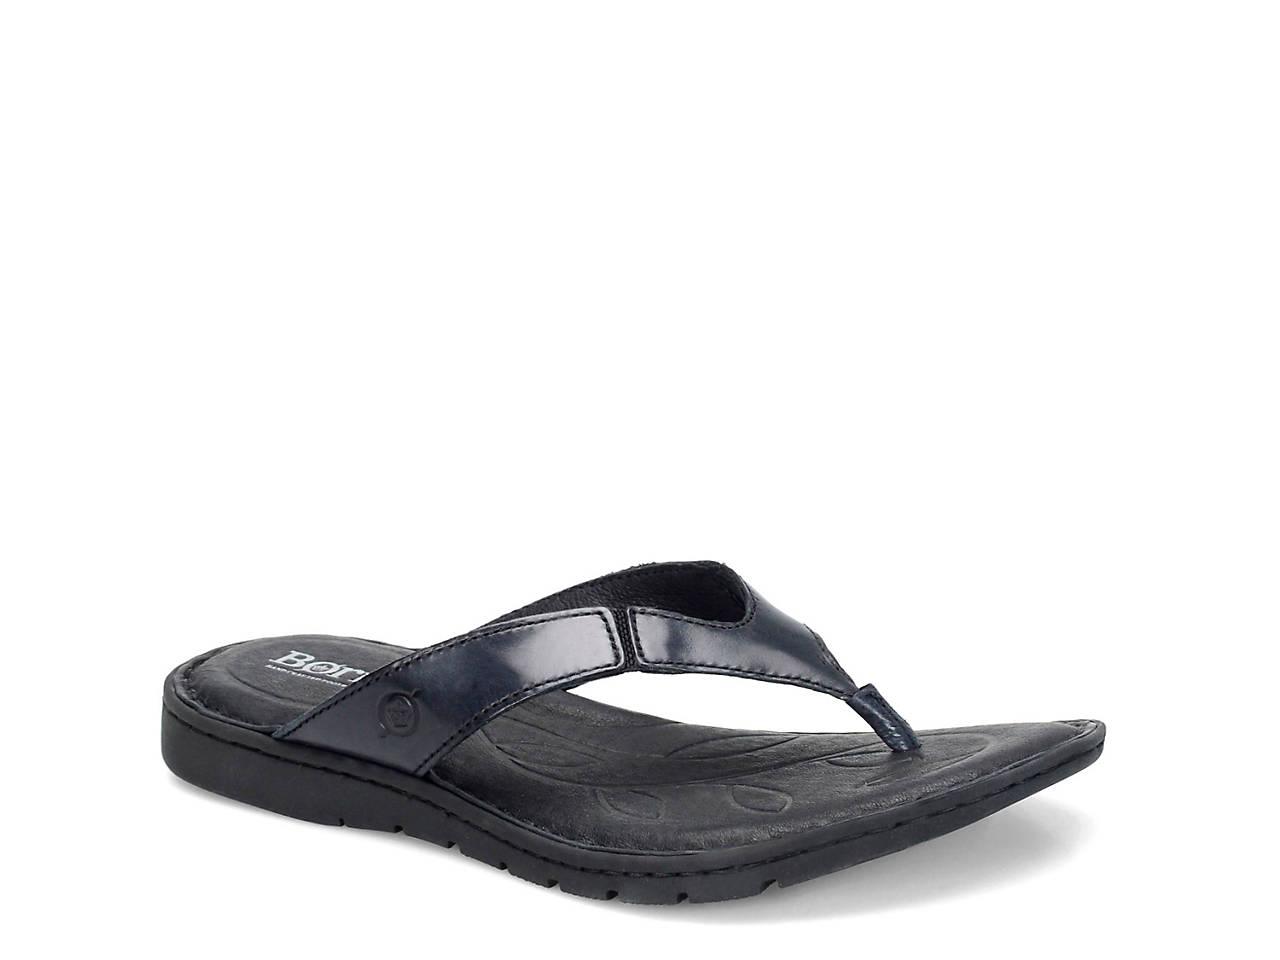 Black sandals at dsw - Amelie Flat Sandal